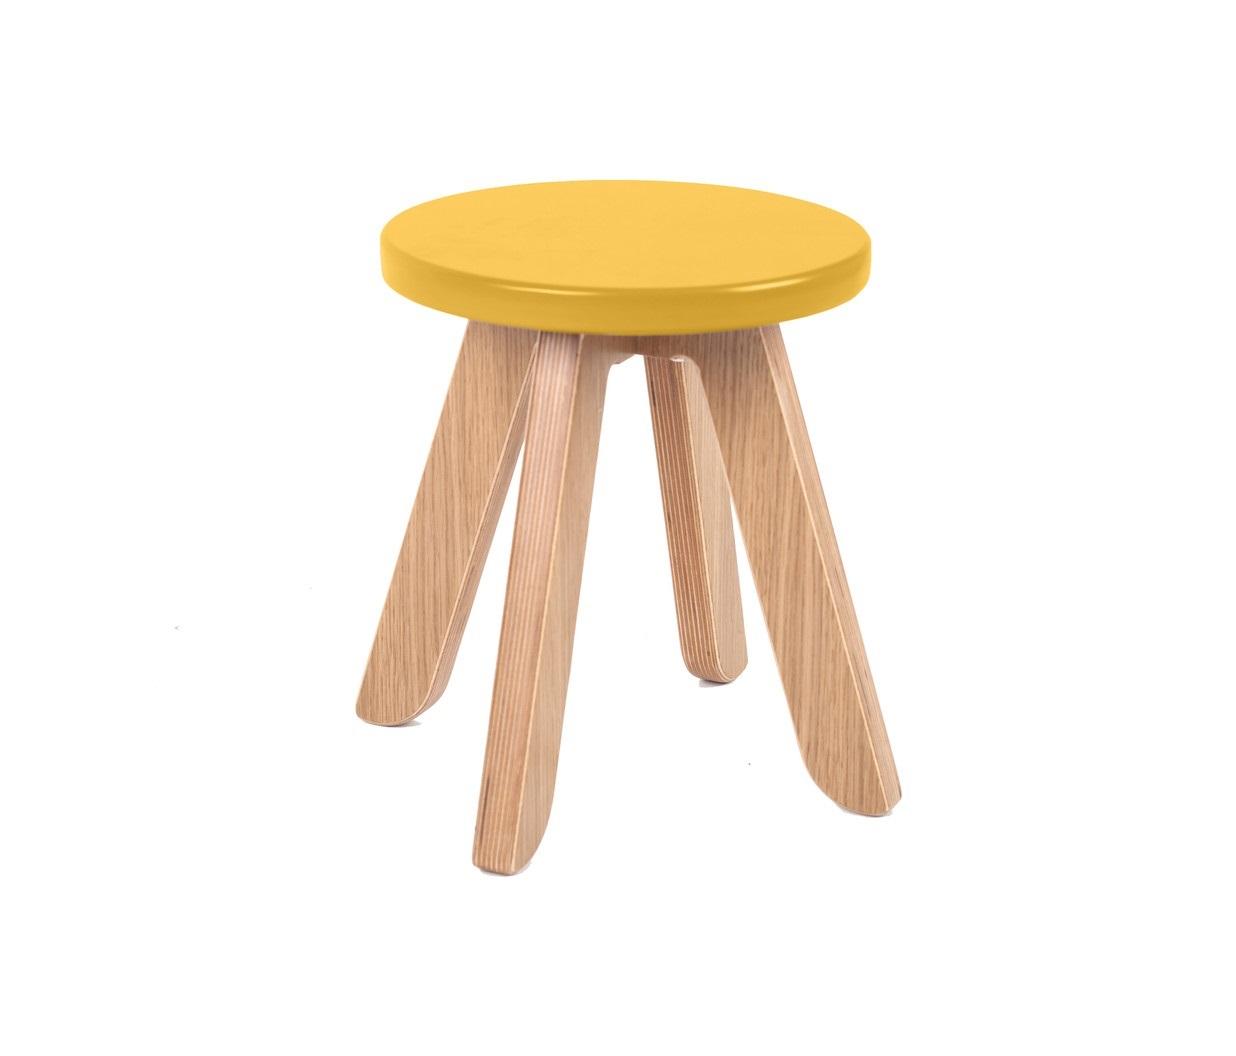 Табурет MalevichДетские табуреты<br>Табурет составит отличную компанию столу и стулу. Например, на нем удобно расположить принадлежности для рисования, когда стол используется в положении мольберта. Наличие табурета также позволит маме сидеть за столом на одном уровне с ребенком.&amp;lt;span style=&amp;quot;font-size: 14px;&amp;quot;&amp;gt;&amp;amp;nbsp;&amp;lt;/span&amp;gt;&amp;lt;div style=&amp;quot;font-size: 14px;&amp;quot;&amp;gt;&amp;lt;br&amp;gt;&amp;lt;/div&amp;gt;&amp;lt;div style=&amp;quot;font-size: 14px;&amp;quot;&amp;gt;Материал: березовая фанера, дубовый шпон.&amp;lt;/div&amp;gt;<br><br>Material: Фанера<br>Height см: 34<br>Diameter см: 29